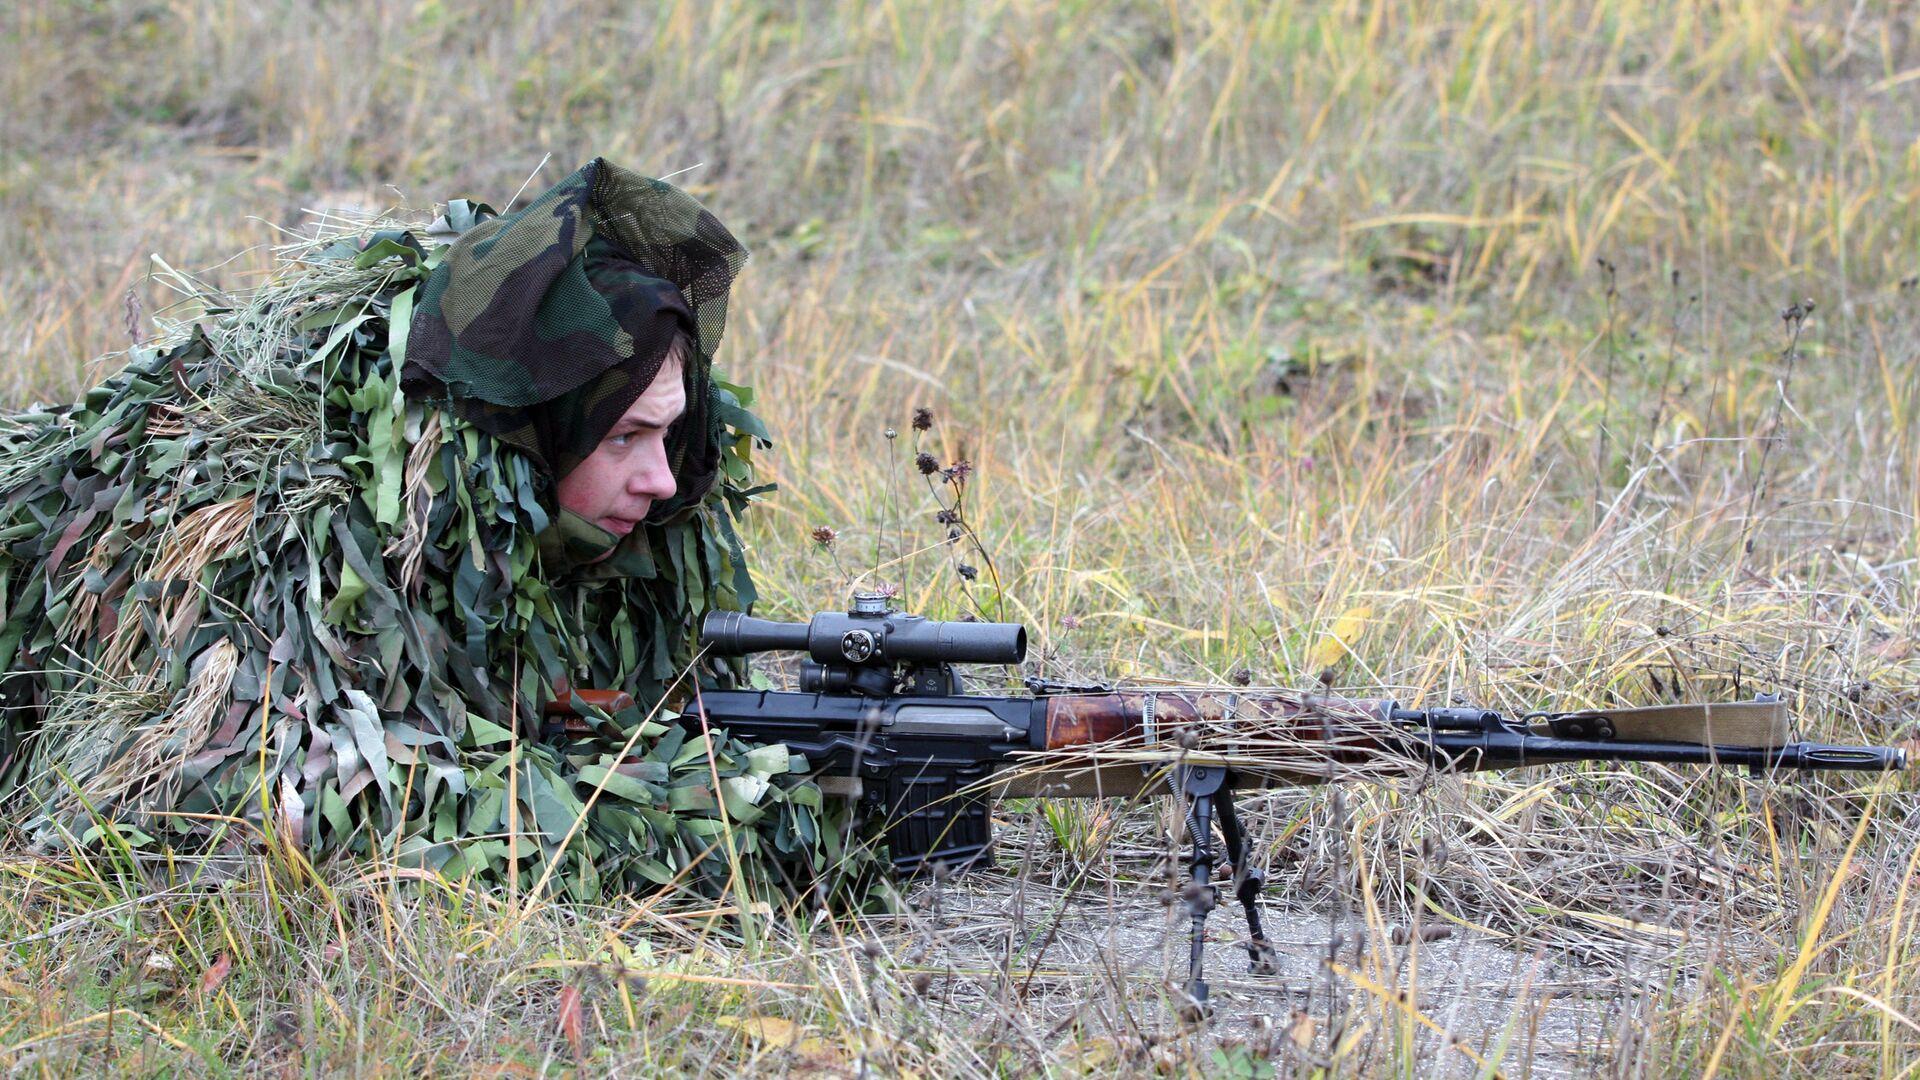 Снайпер 4-й отдельной танковой бригады с винтовкой СВД - РИА Новости, 1920, 24.06.2019